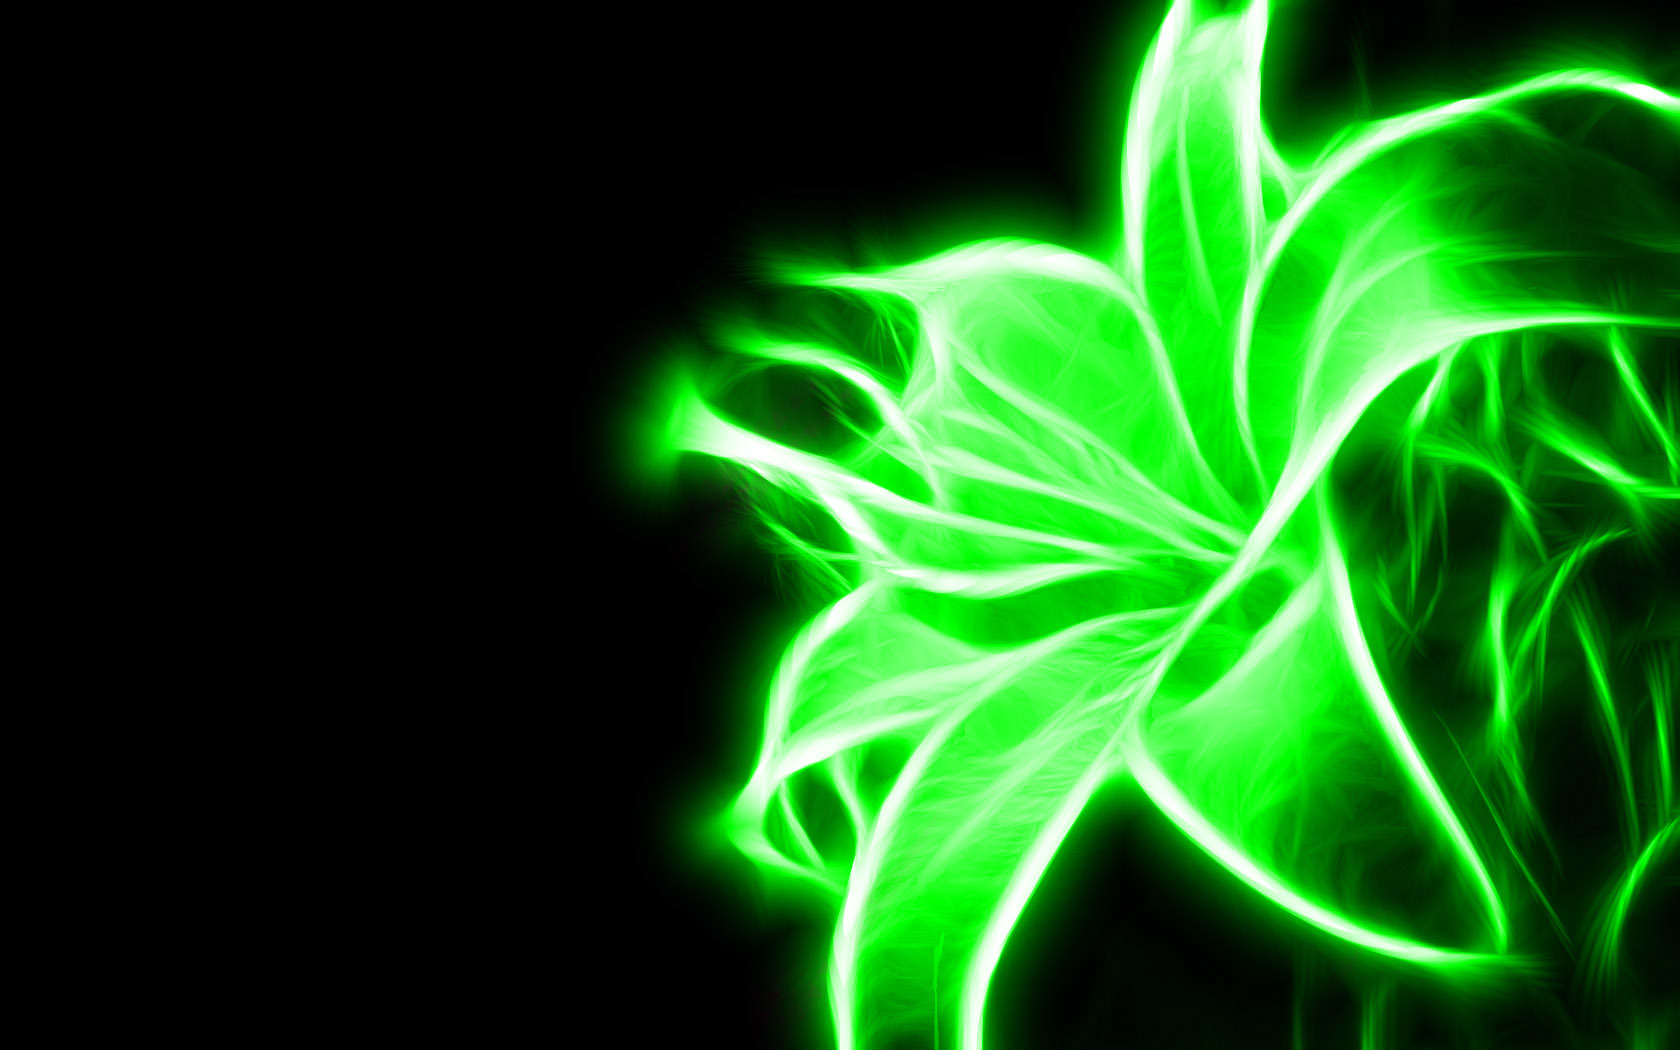 Neon Green Flower   Green Wallpaper 20988898 1680x1050